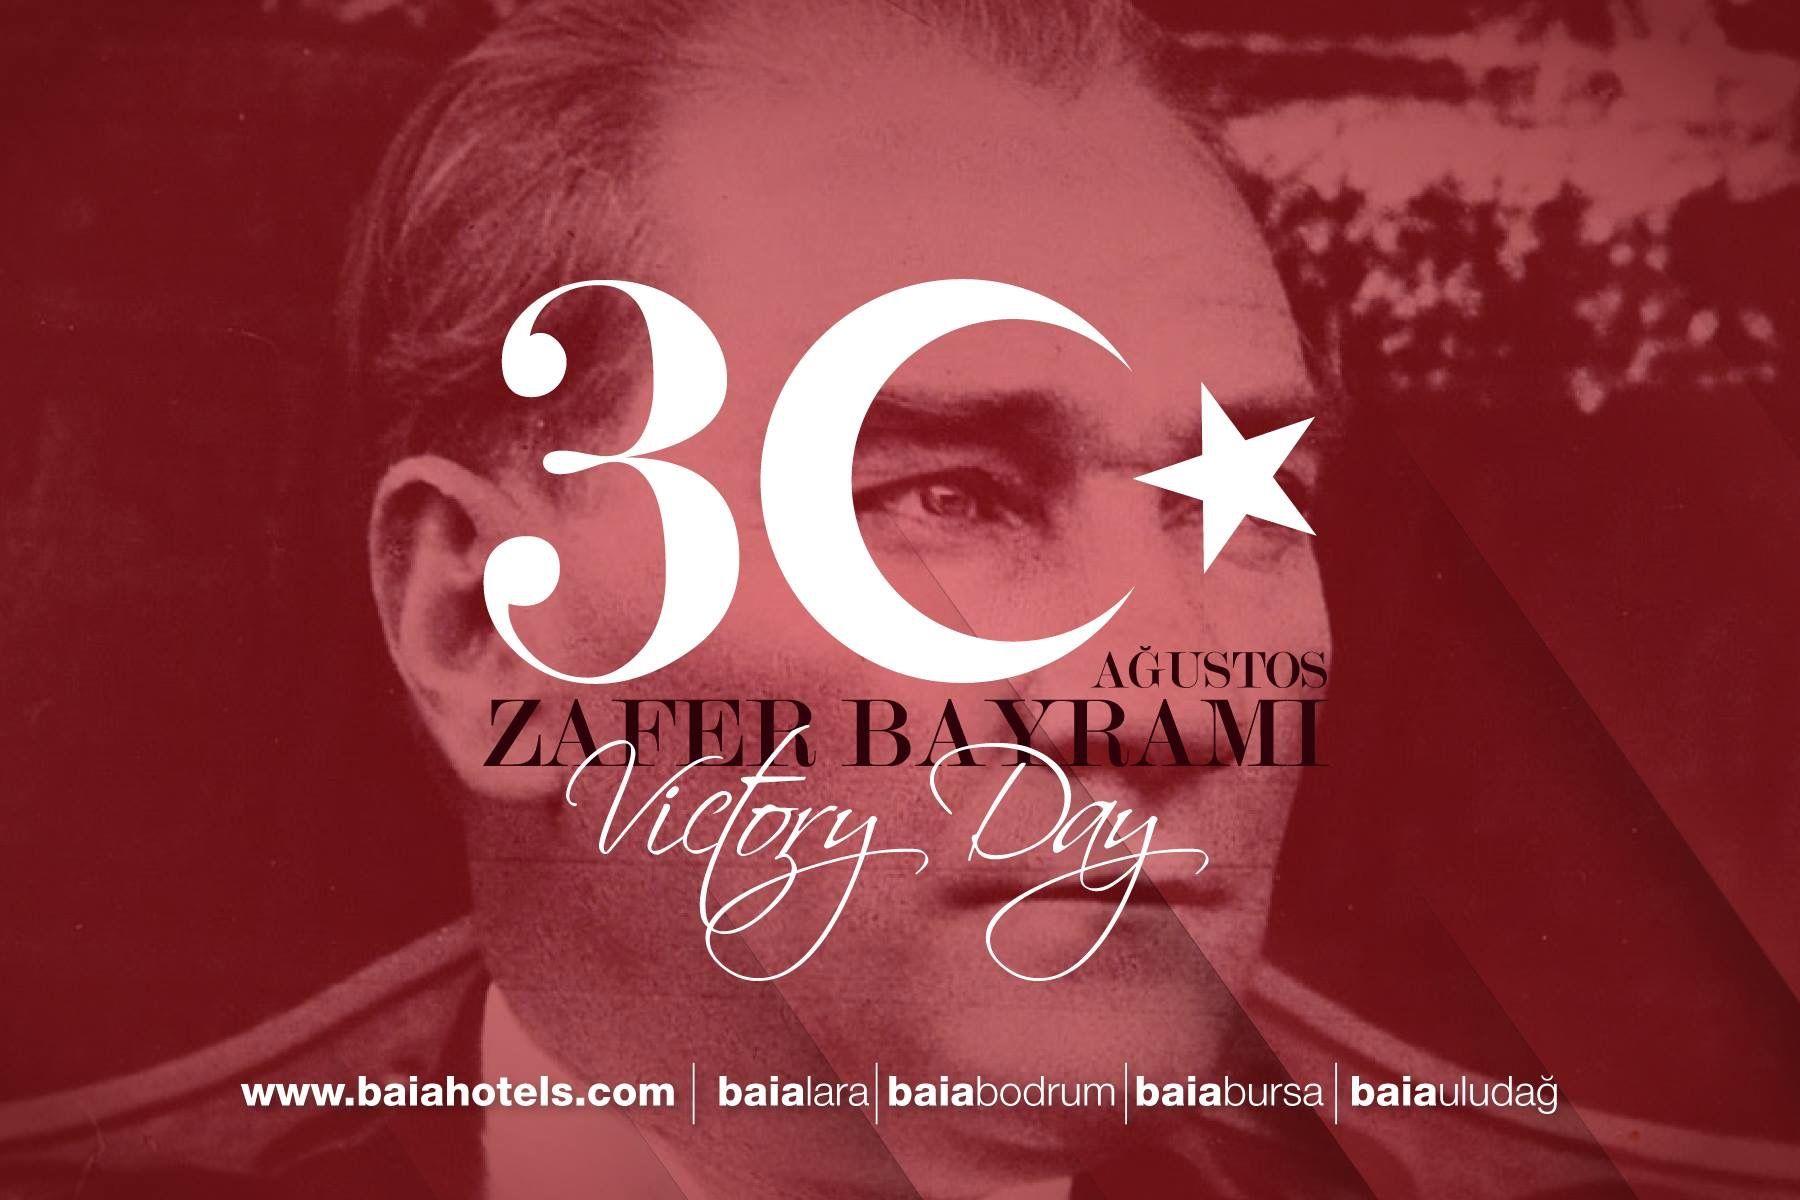 Happy 30 August Victory Day!  Zafer Bayramımız Kutlu Olsun!  www.baiahotels.com